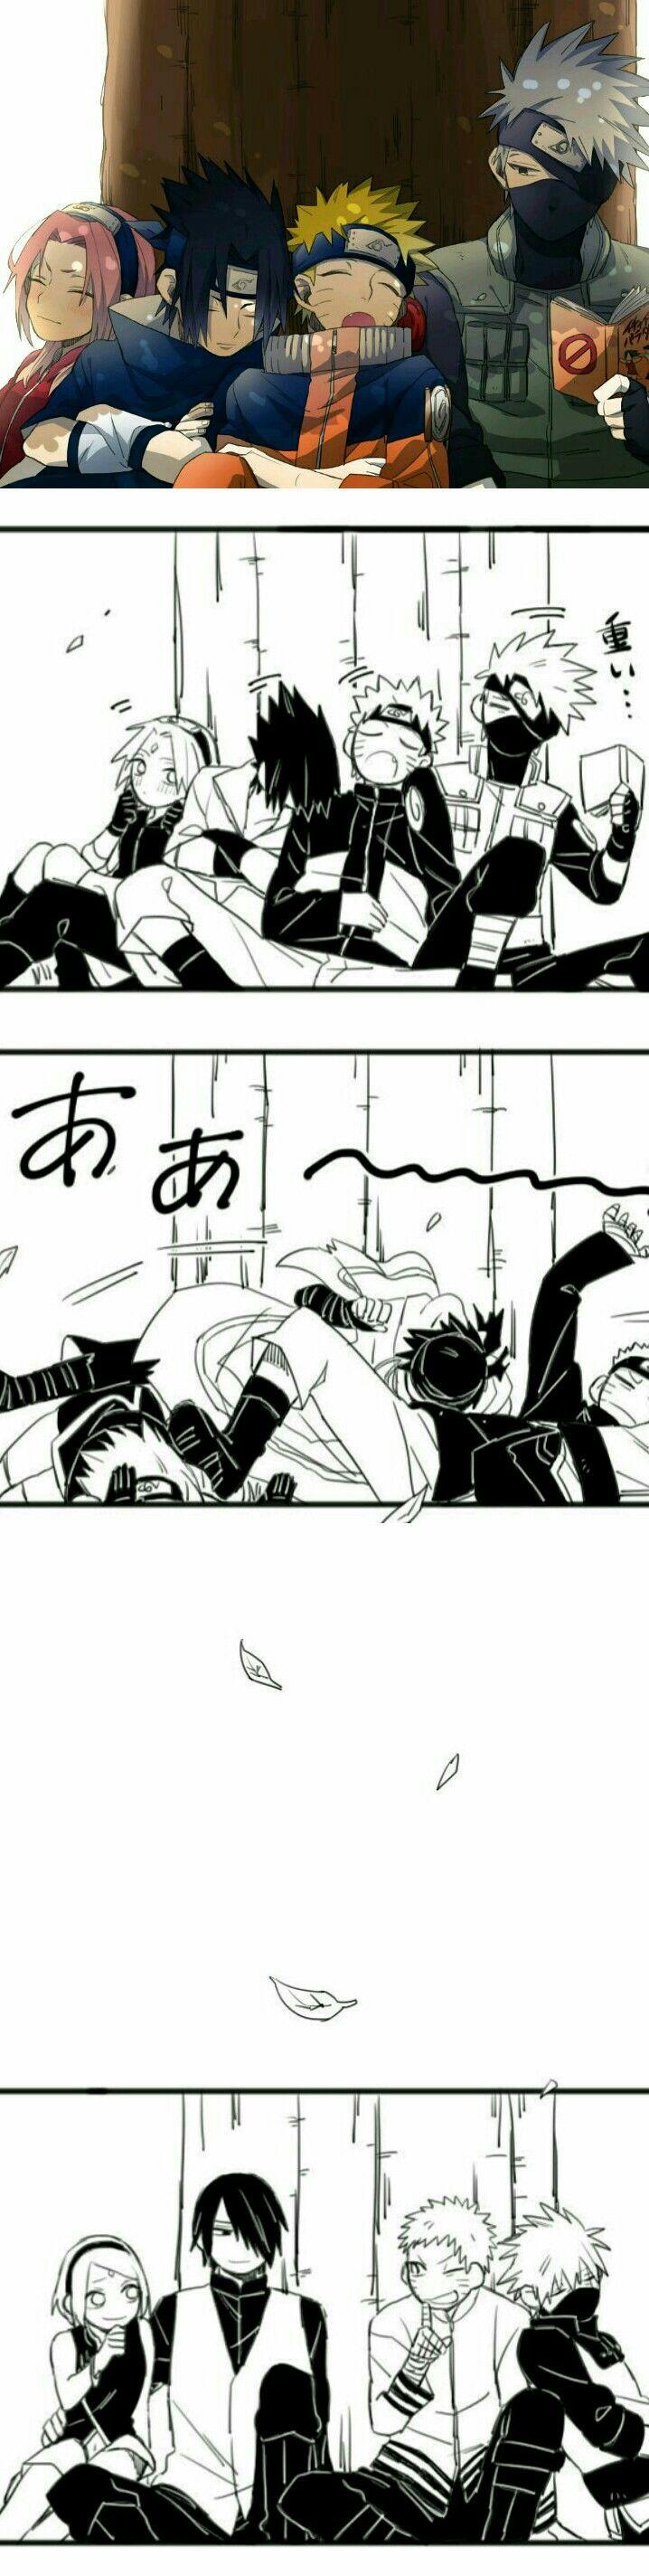 Naruto•••acabou